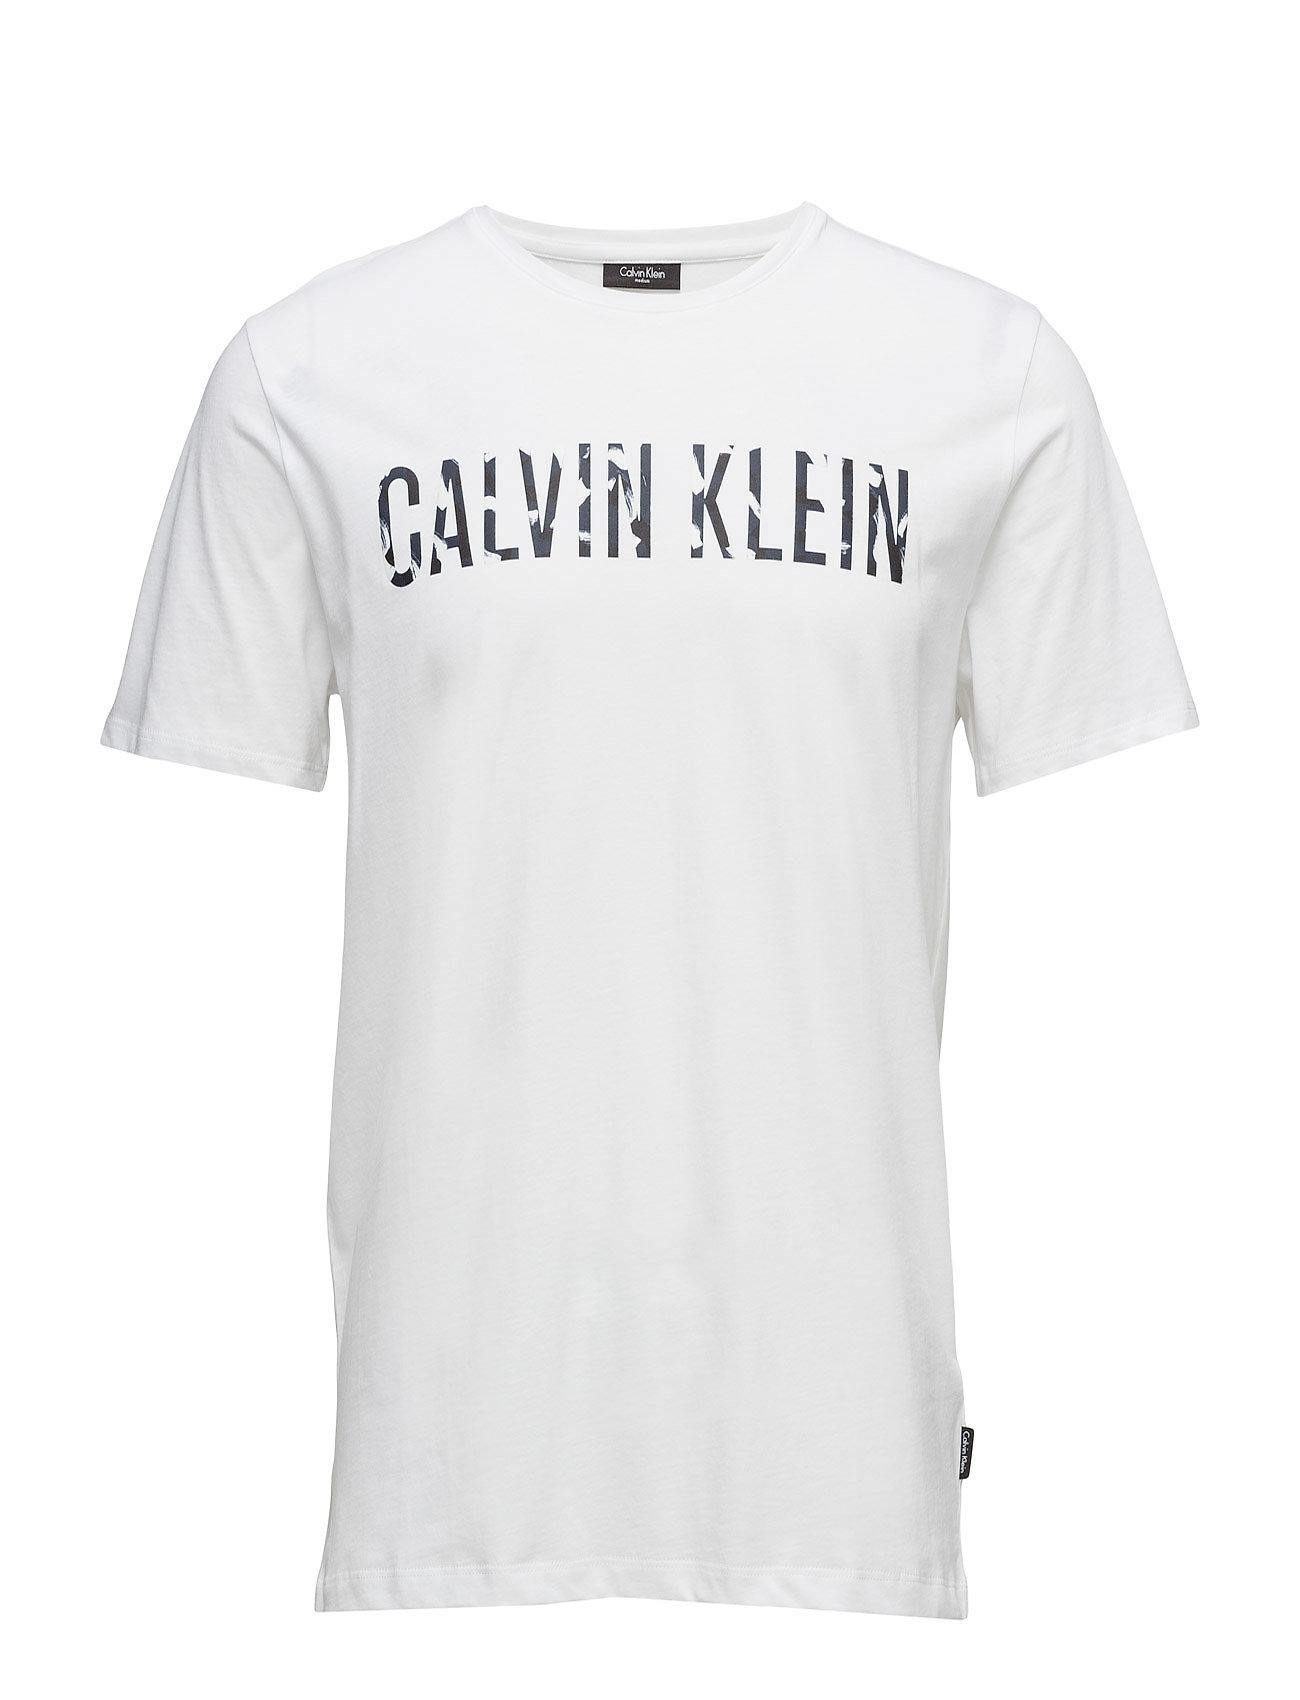 Jabor Refined Cotton Calvin Klein Kortærmede til Herrer i